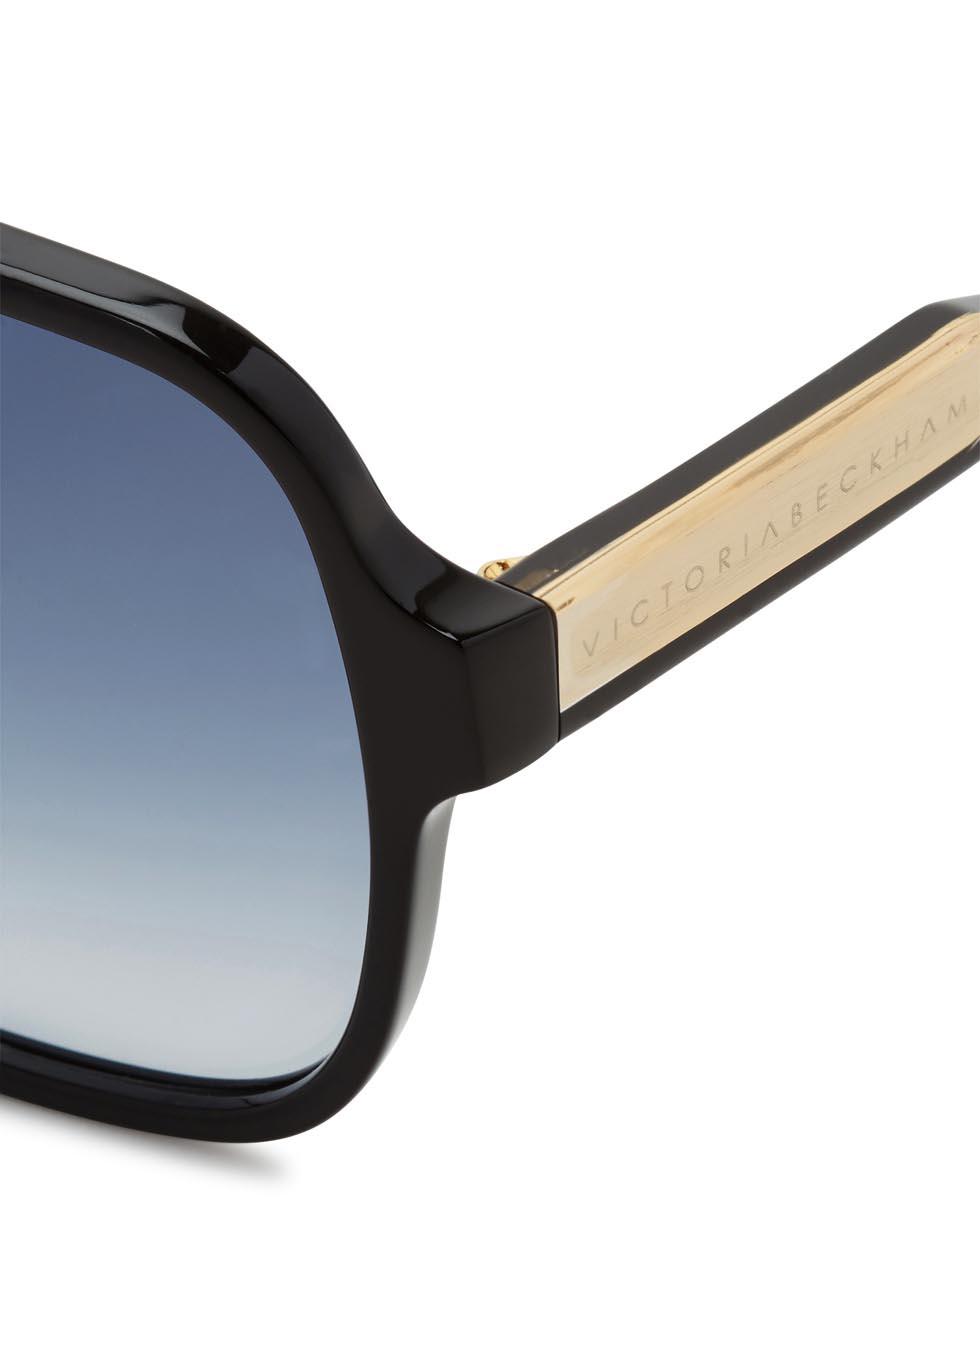 Iconic Square black sunglasses - Victoria Beckham